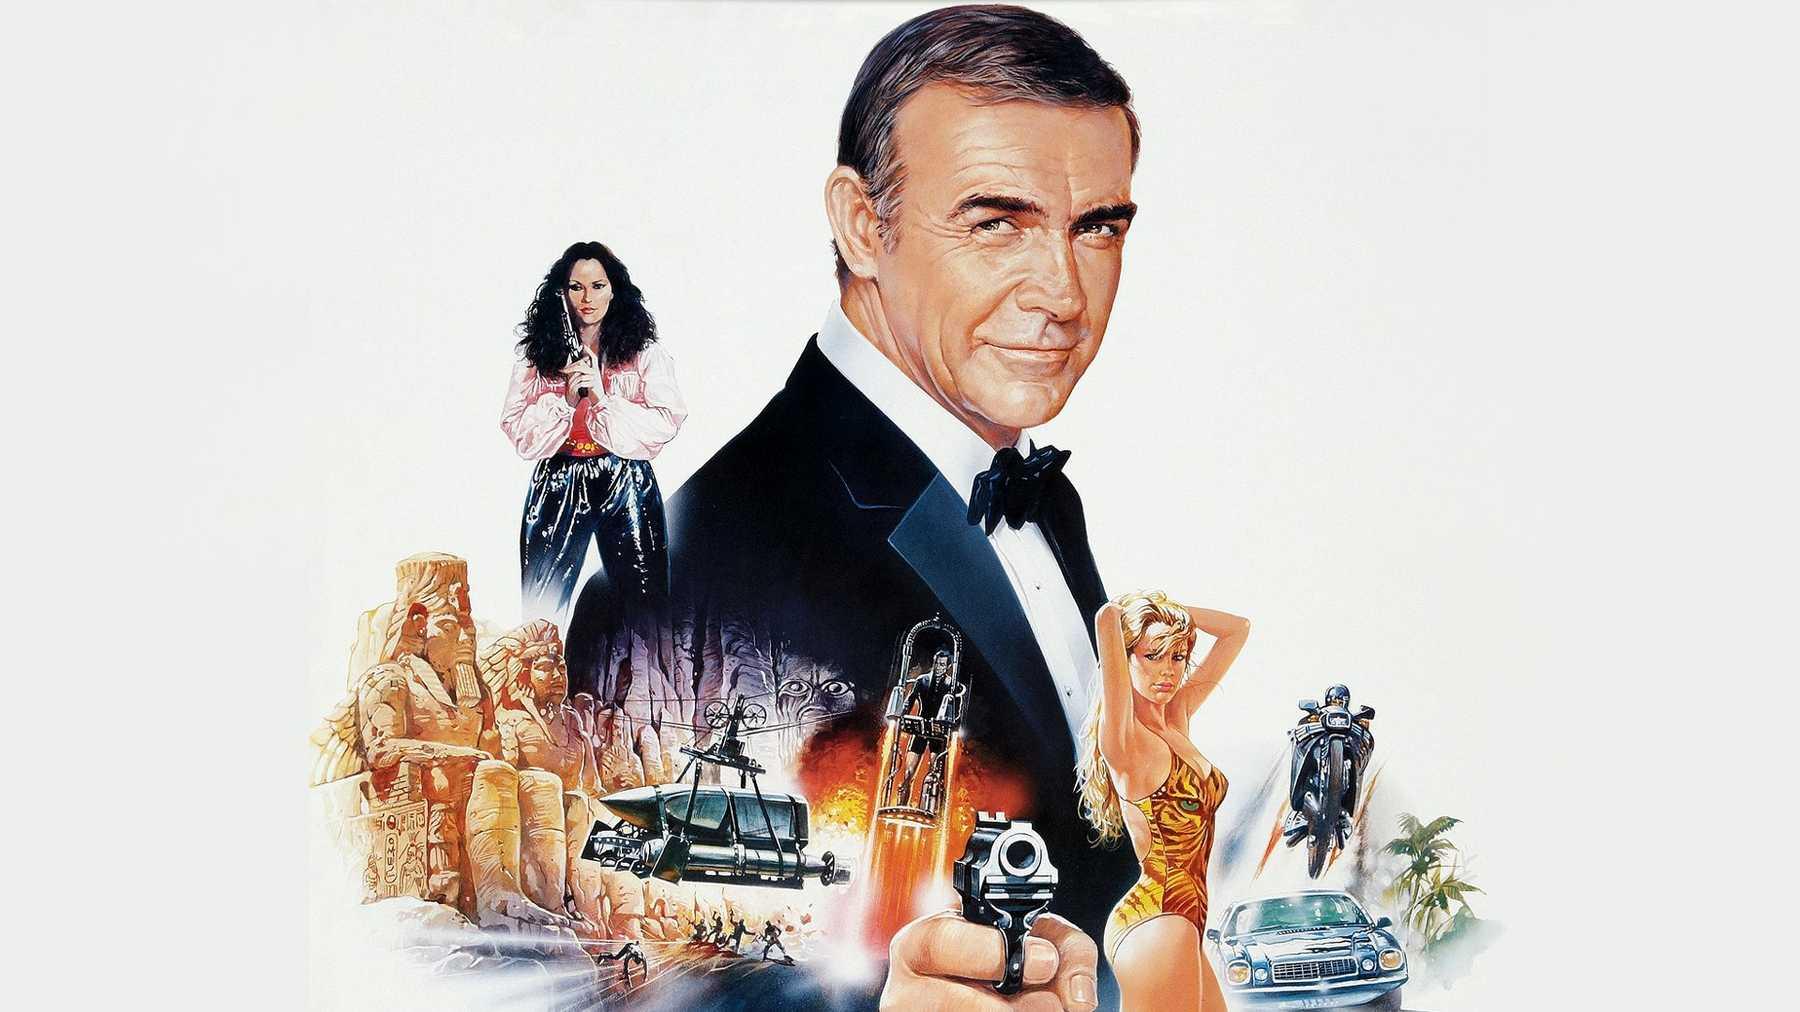 El o la agente Bond de IOI será original y propio